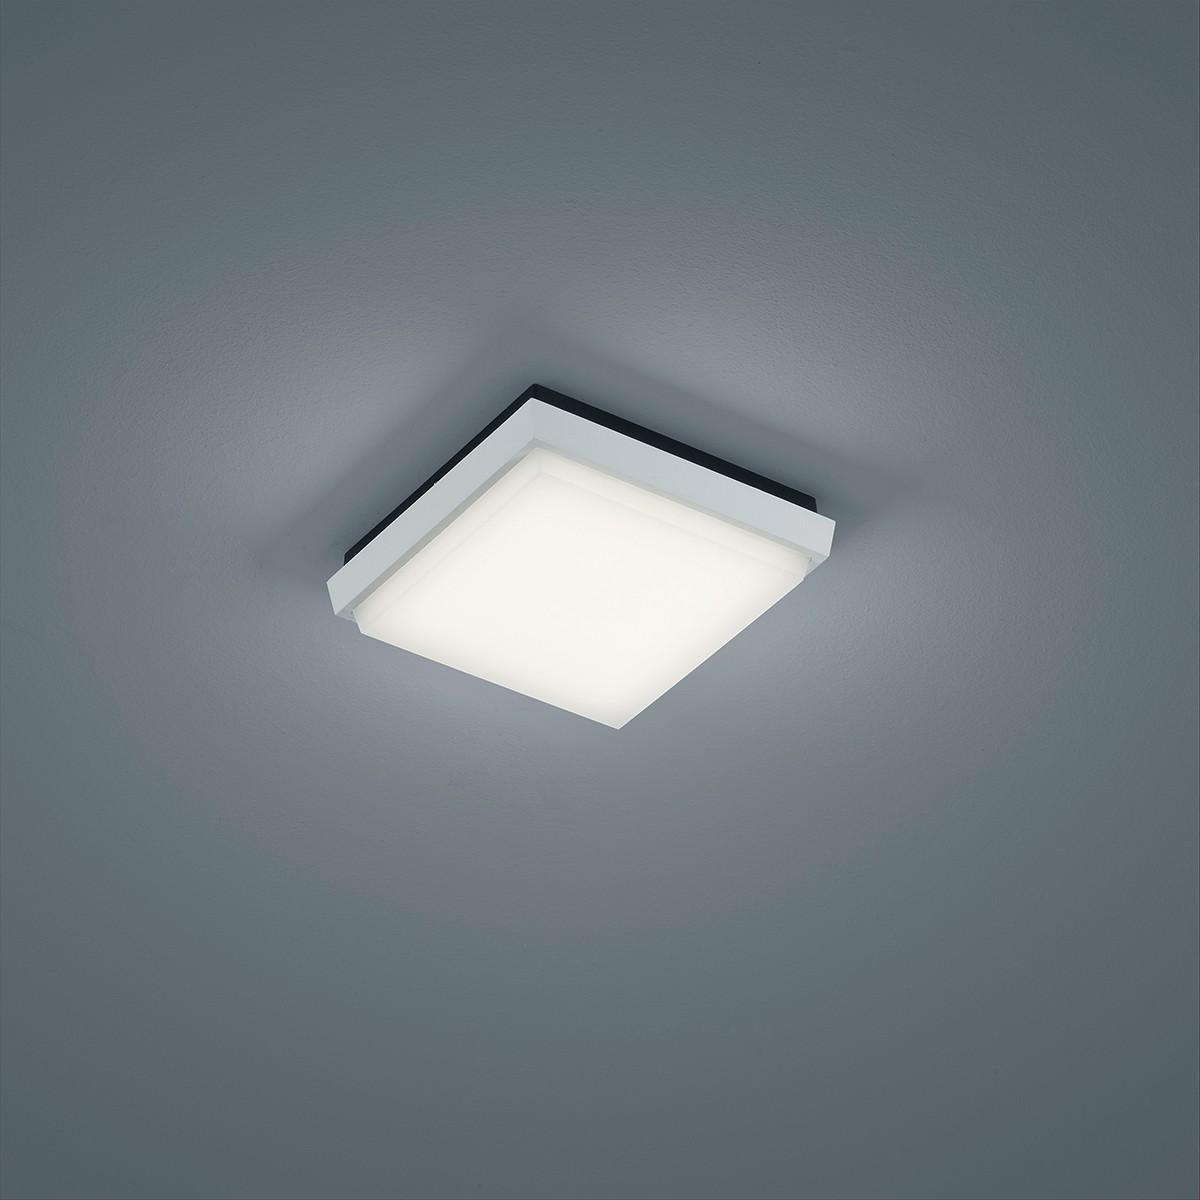 Helestra Sola LED Deckenleuchte, 17,5 x 17,5 cm, weiß matt